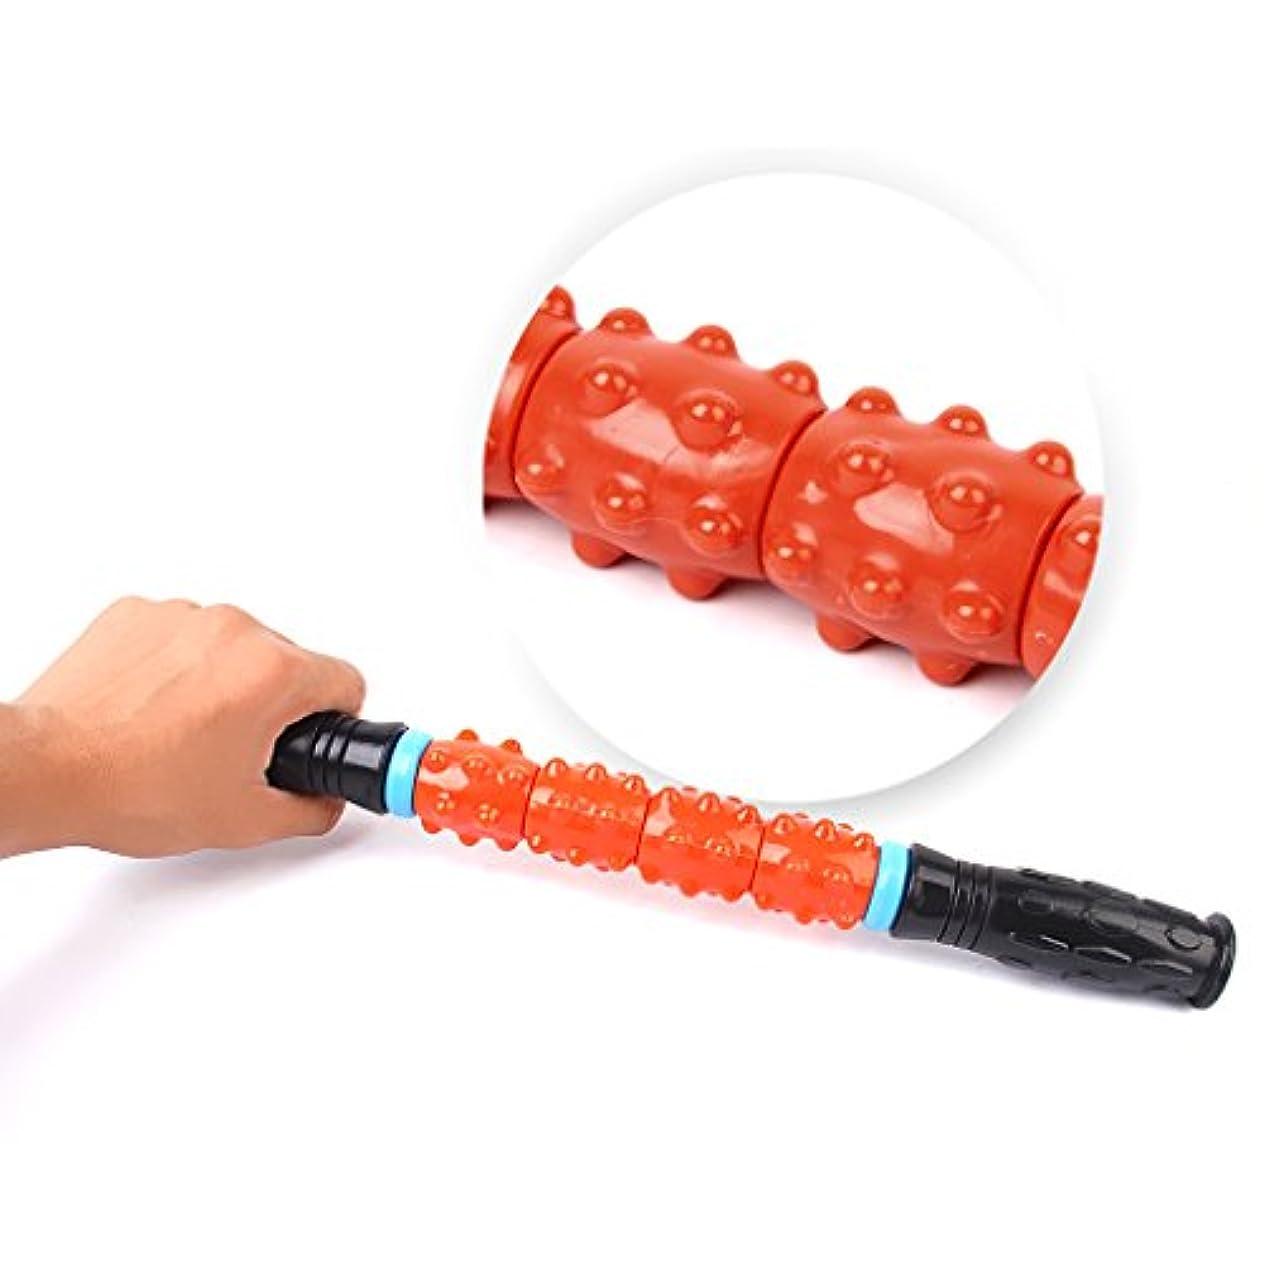 計算血スクレーパーchiwanji マッサージボール 手のひら 足首 すね 腕 背中 マッサージ 筋肉緊張和らげ 血液循環を促進 6cm